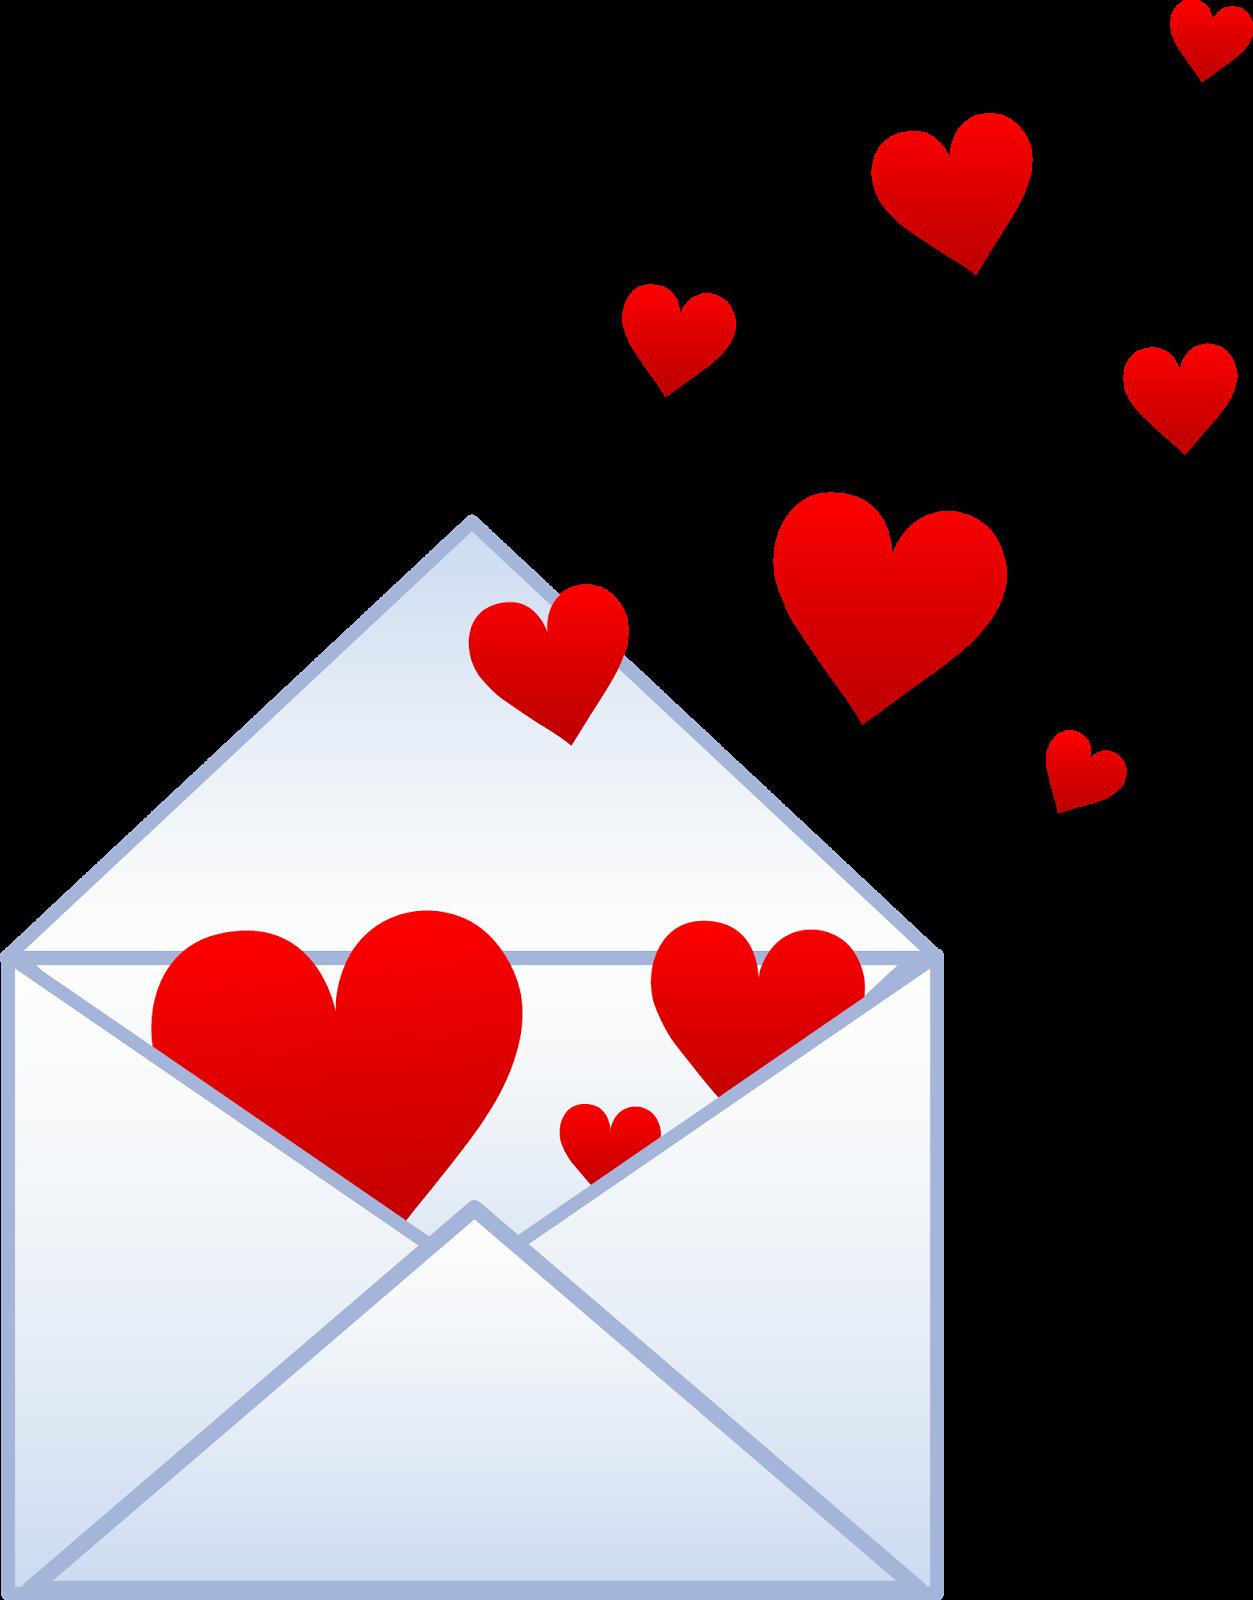 Valentine s mailbox day clipart jpg free download Free Valentine Mail Cliparts, Download Free Clip Art, Free ... jpg free download